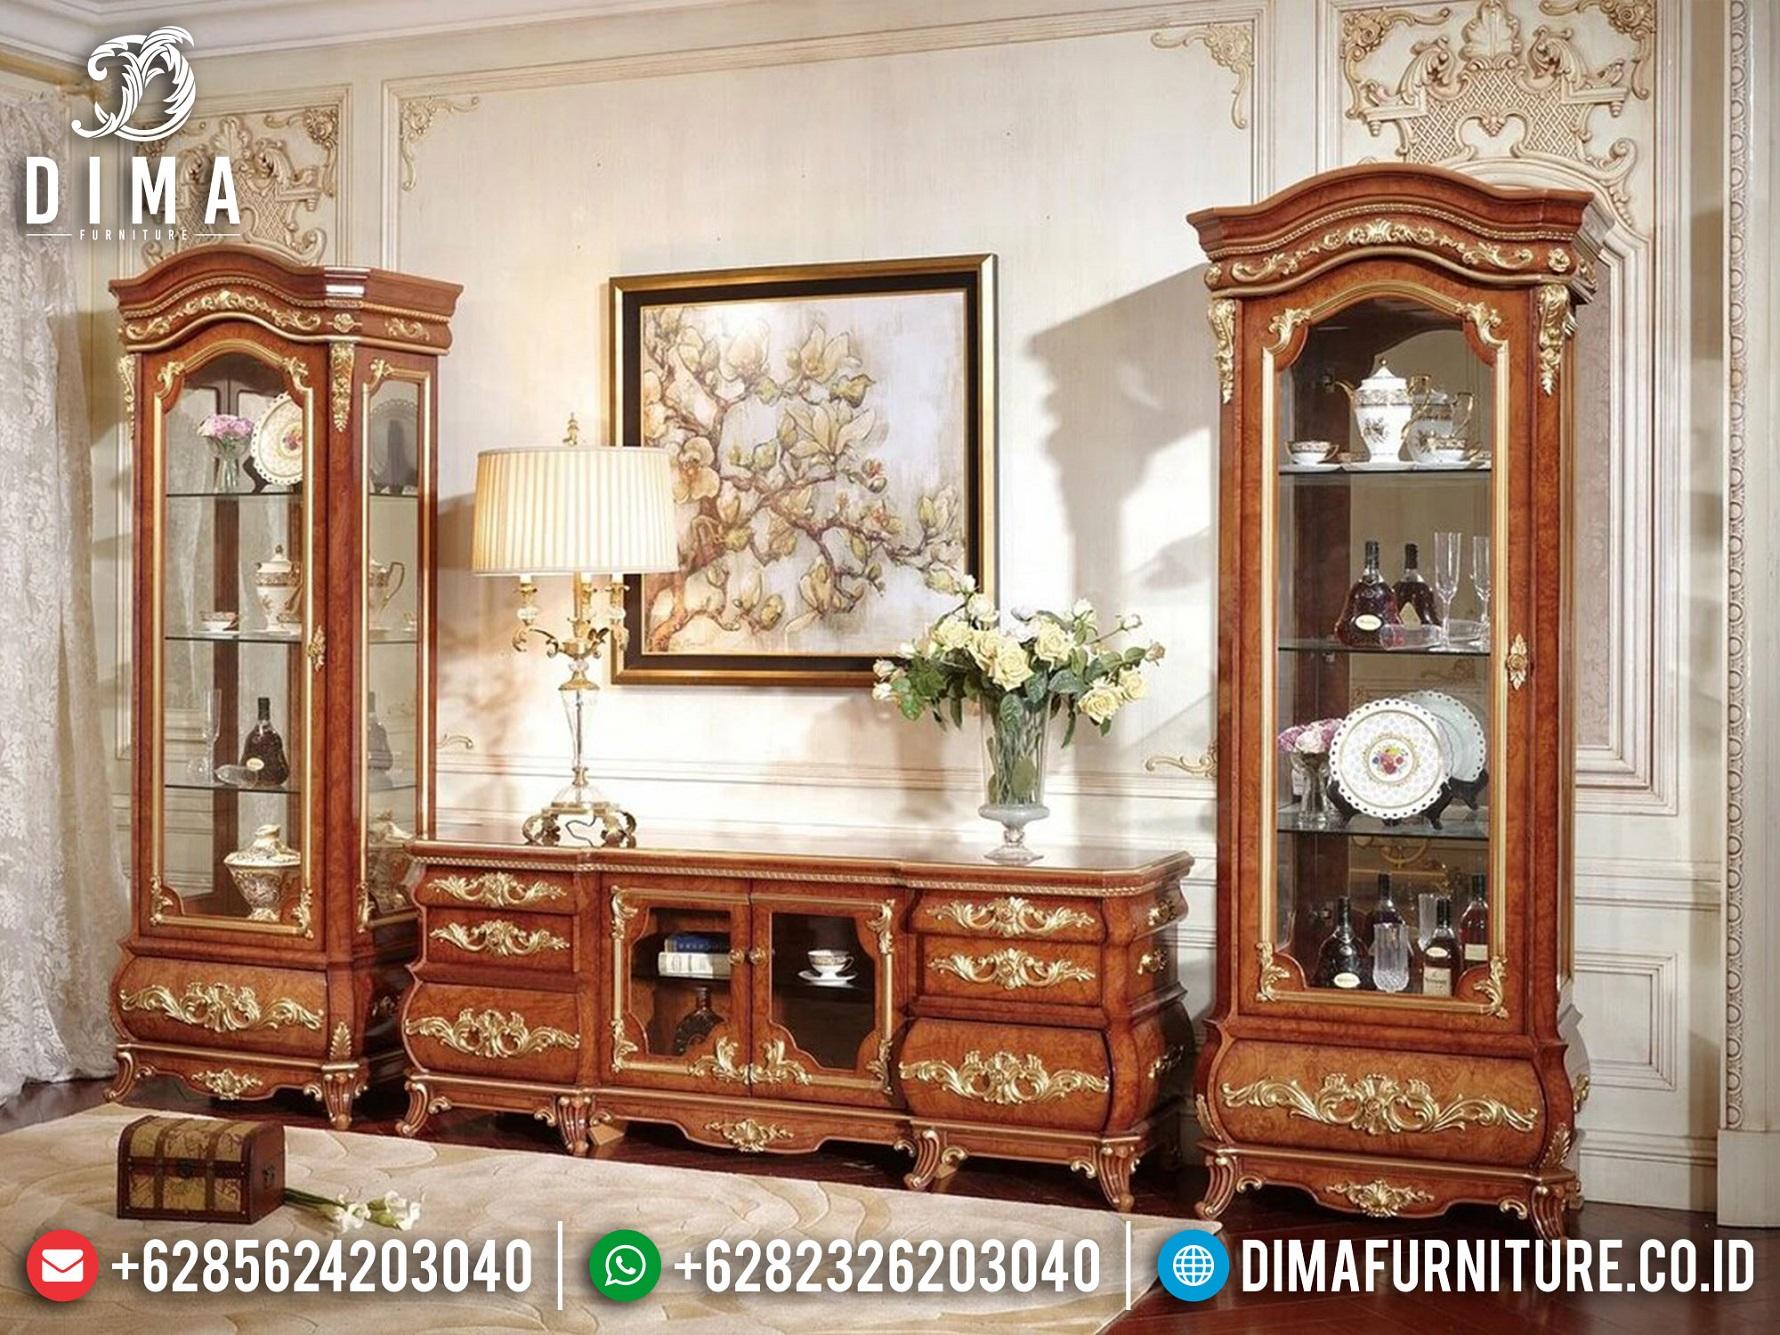 Desain Bufet TV Mewah Terbaru Natural Jati Perhutani Luxury Carving Jepara MM-1098